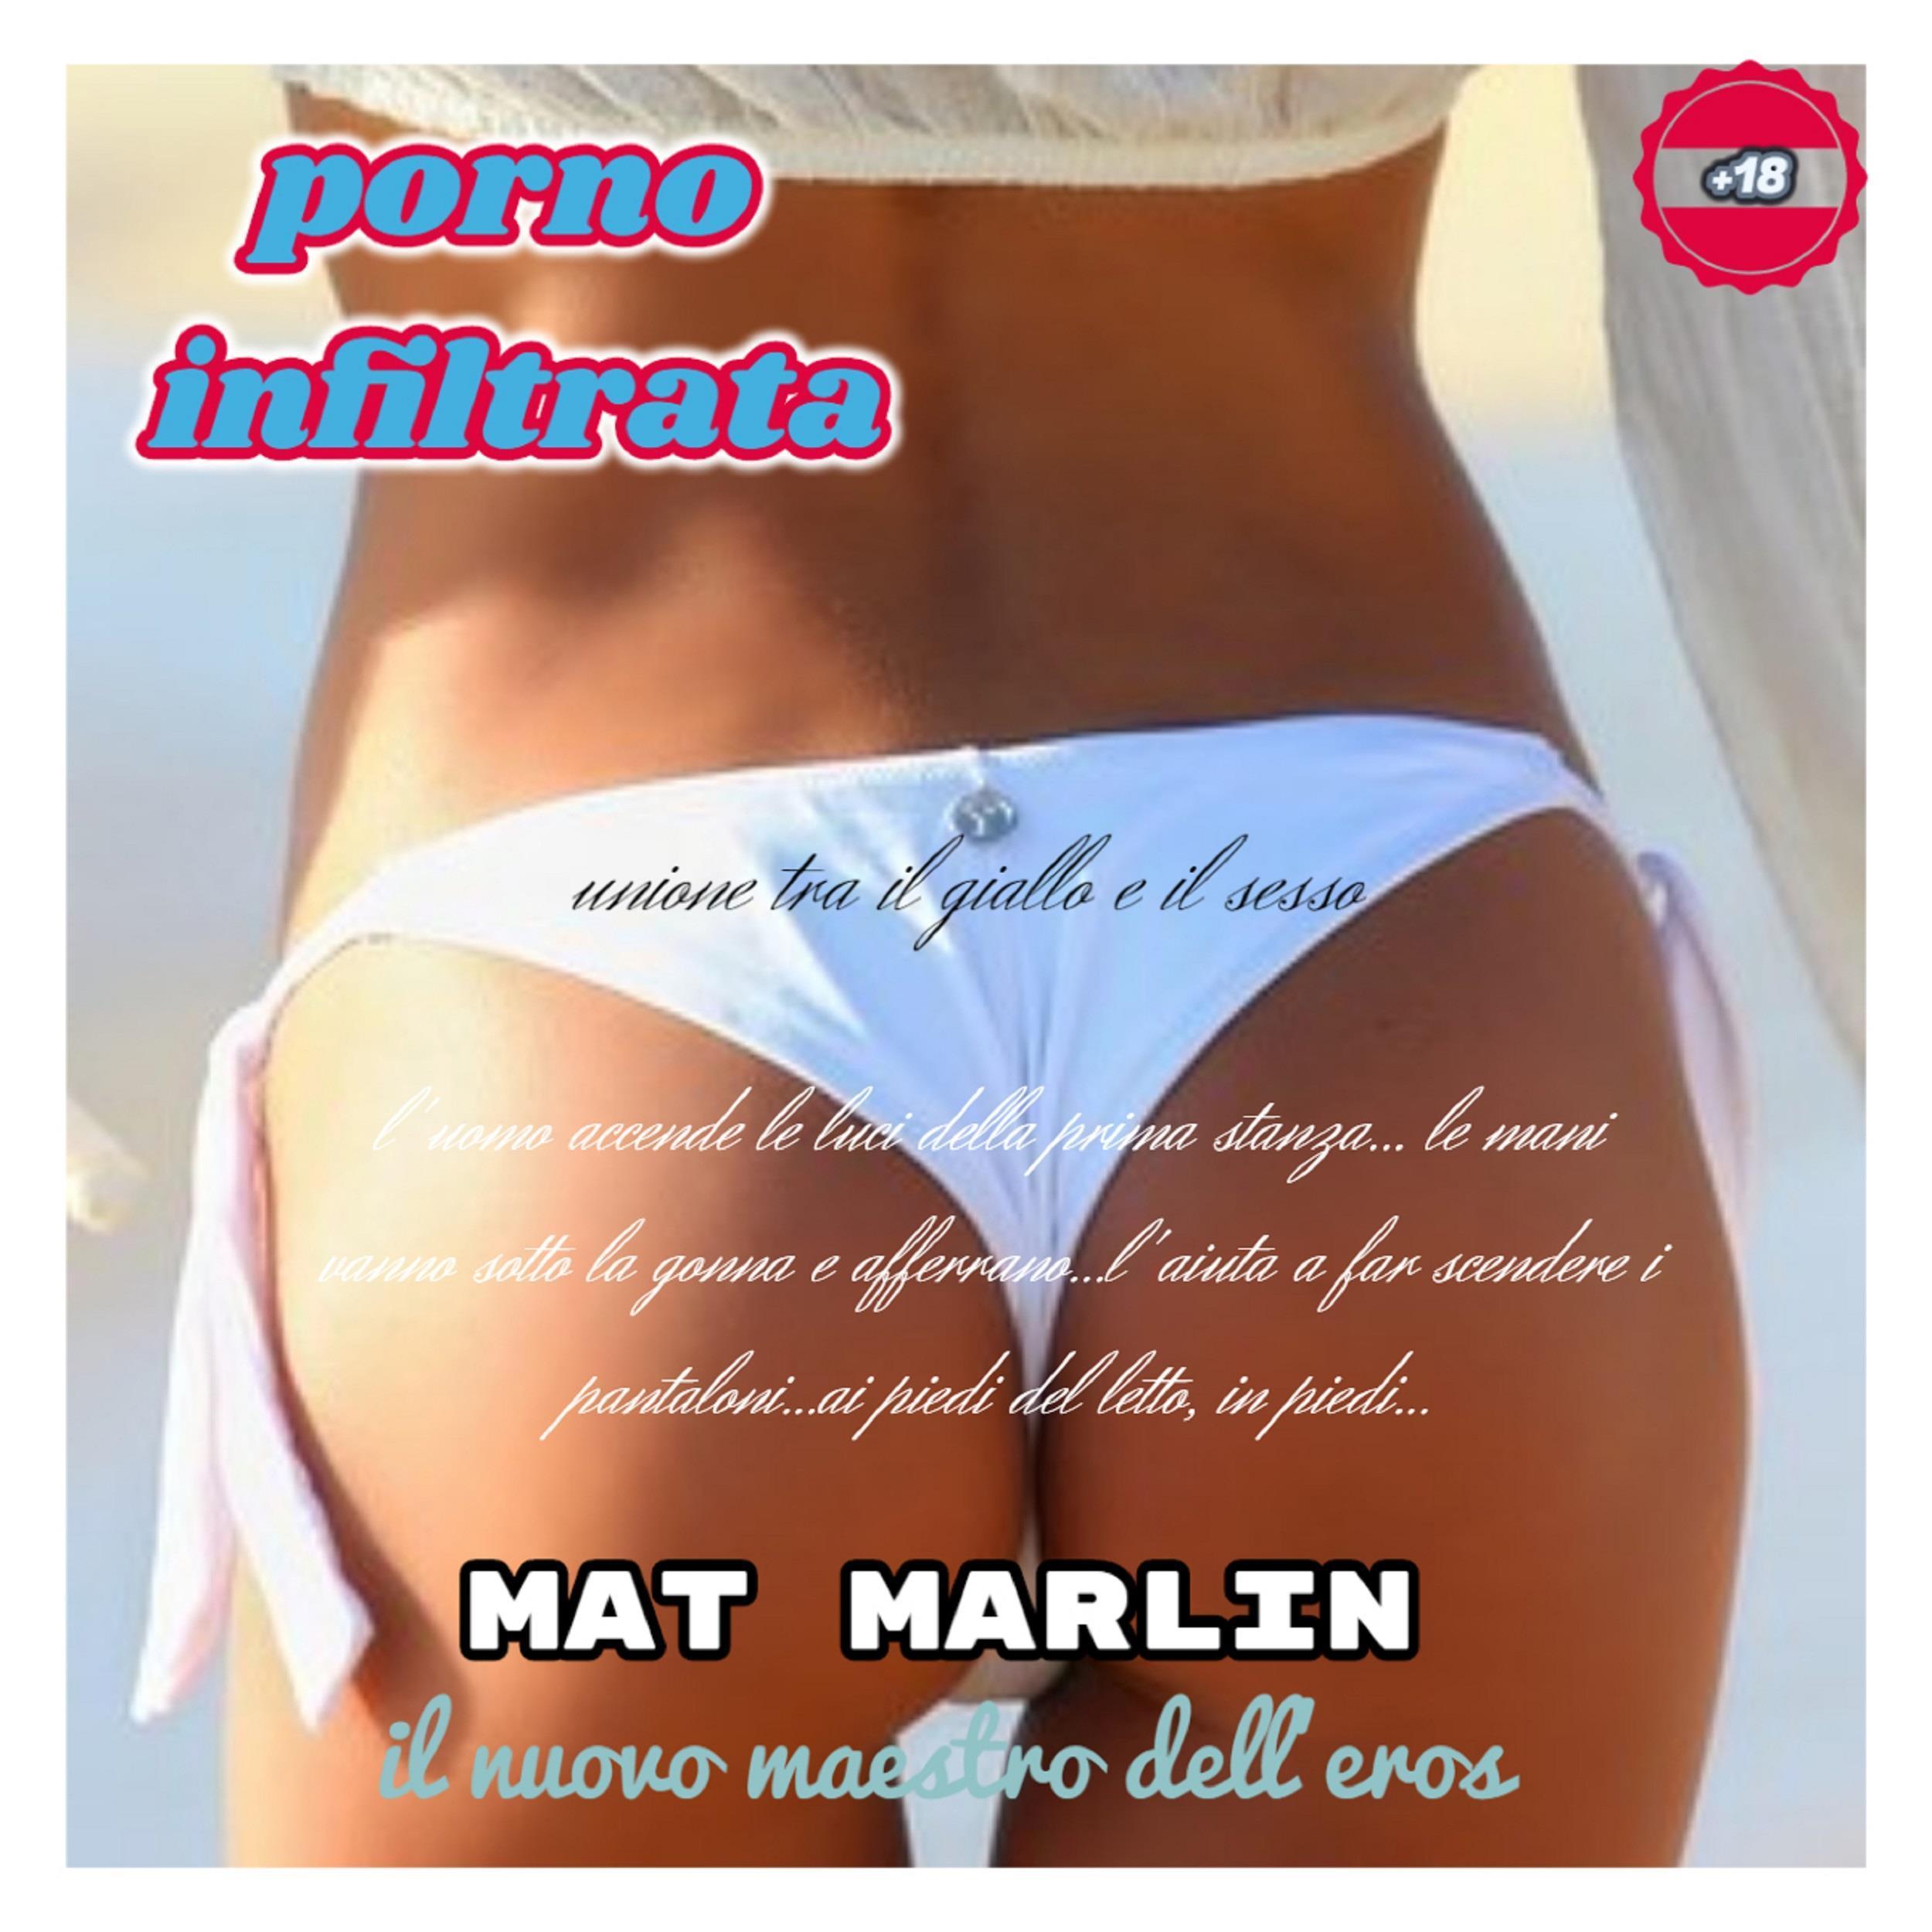 Infiltrata (porno) [Mat Marlin]